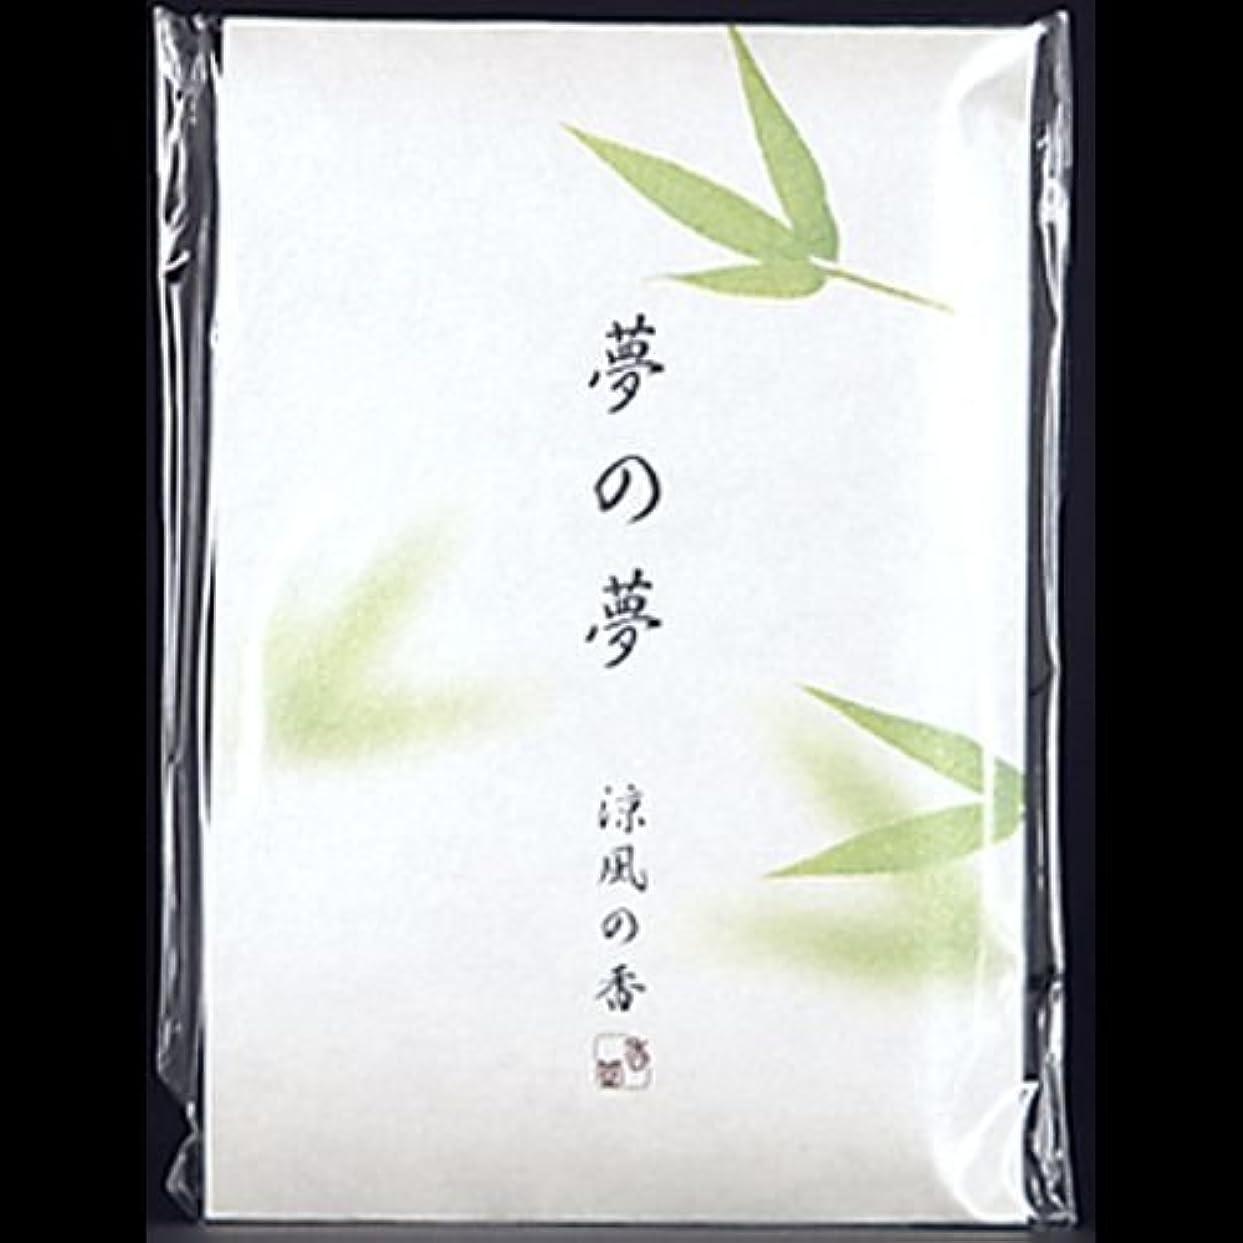 霧深い時系列納税者【まとめ買い】夢の夢 涼風の香 (笹) スティック12本入 ×2セット